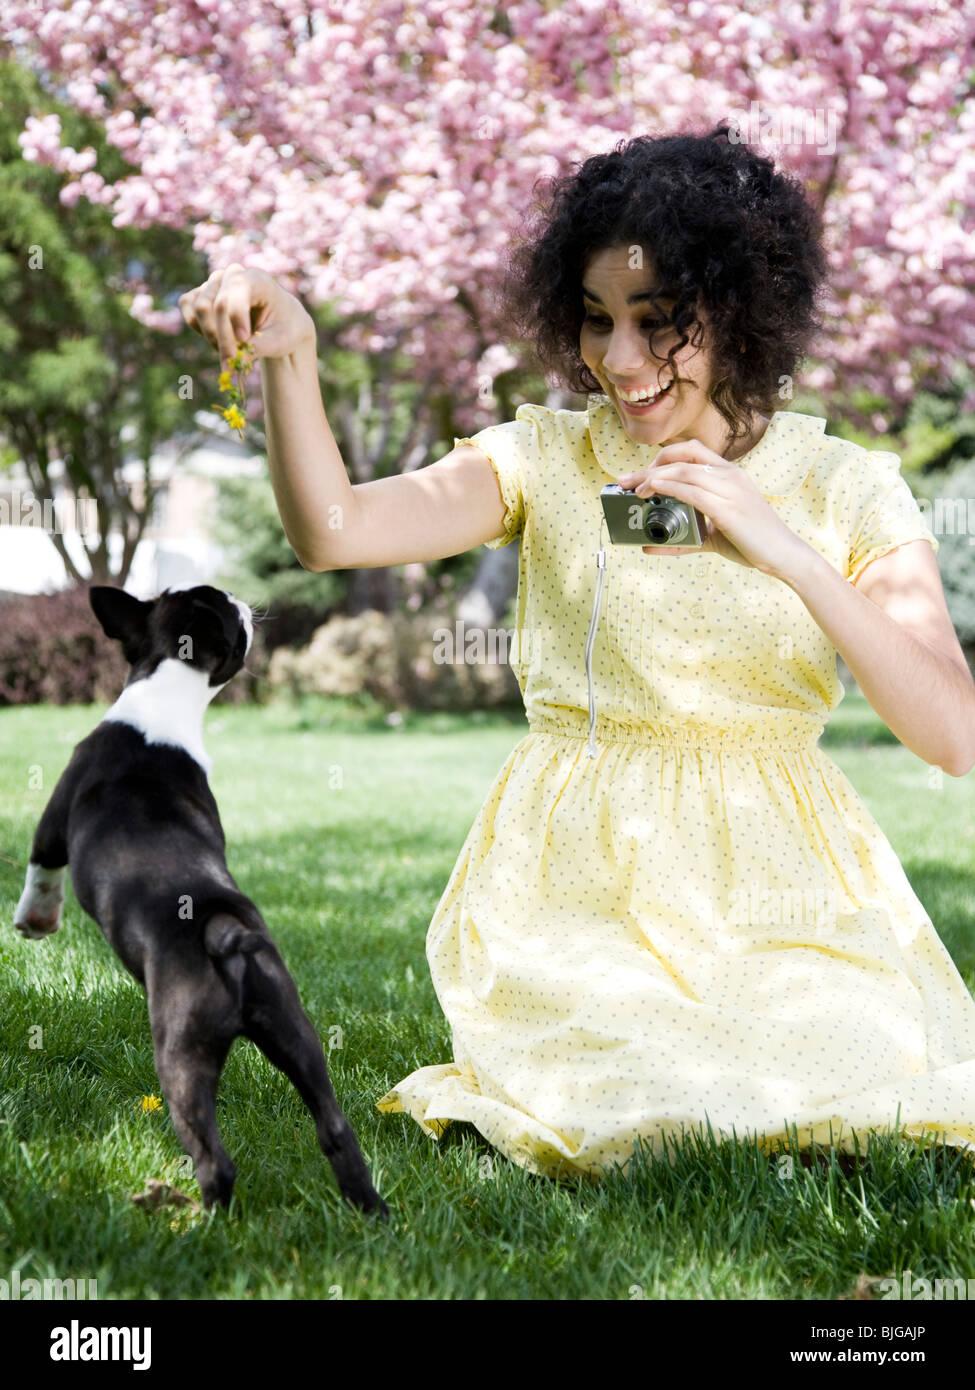 Femme dans une robe jaune à prendre des photos Photo Stock